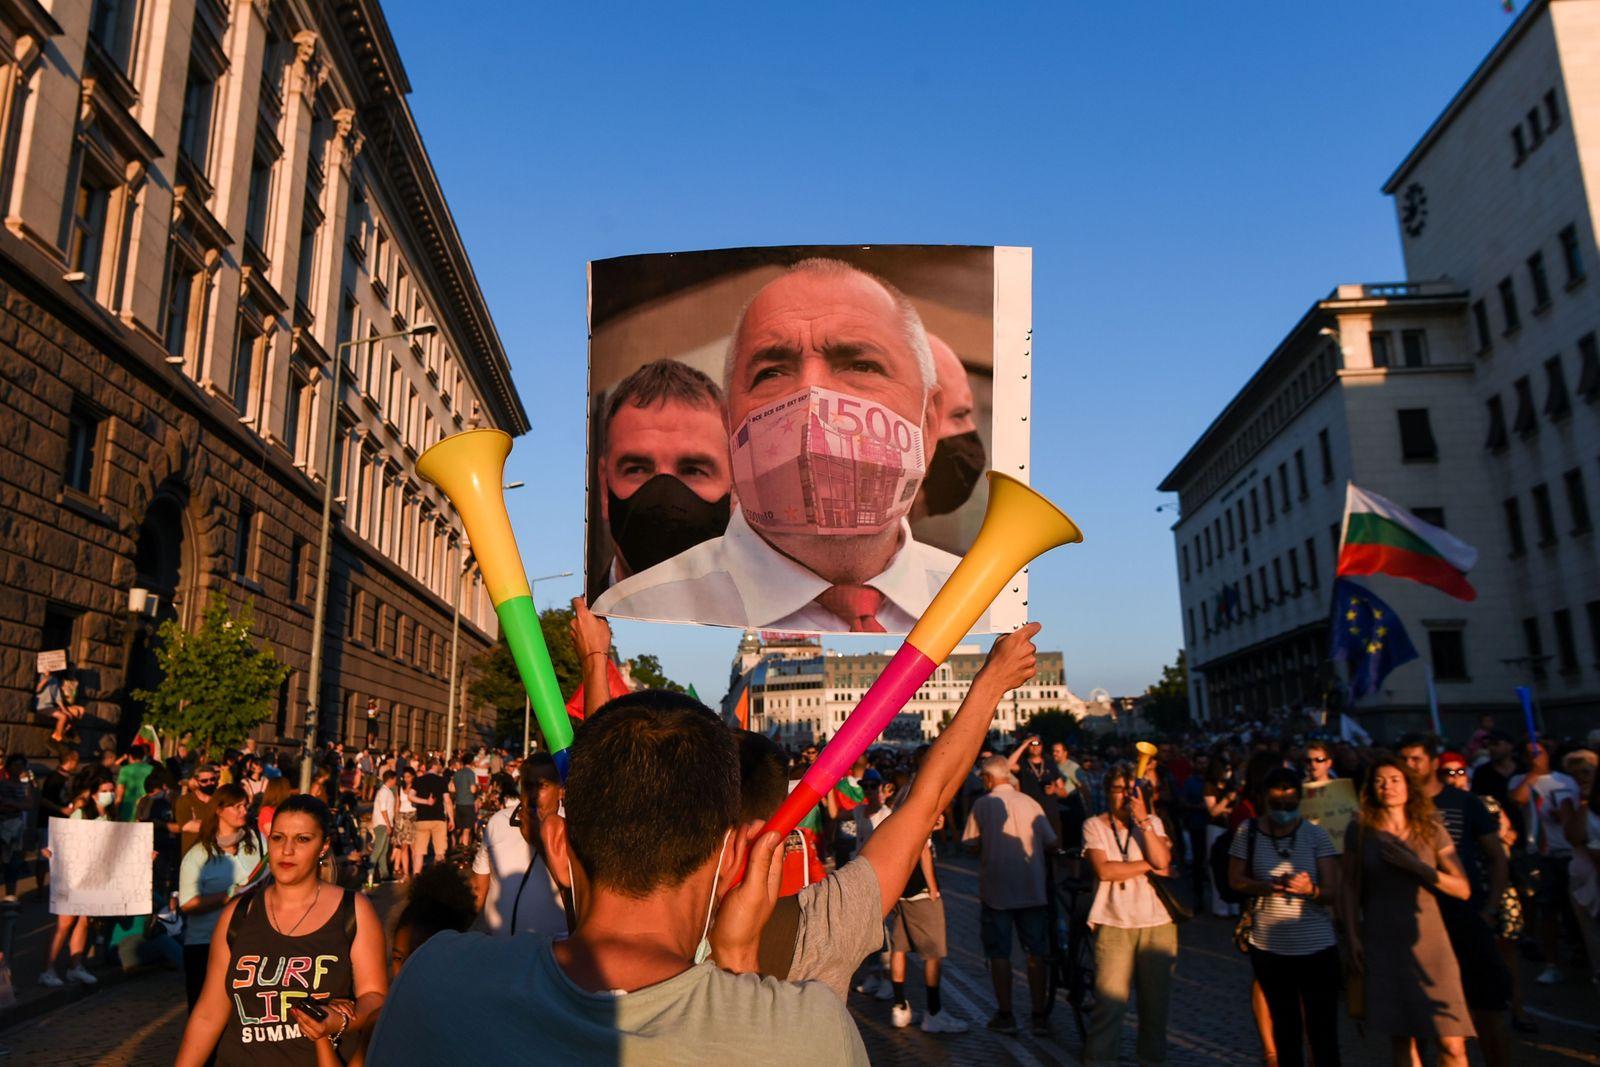 BULGARIA-POLITICS-GOVERNMENT-DEMO